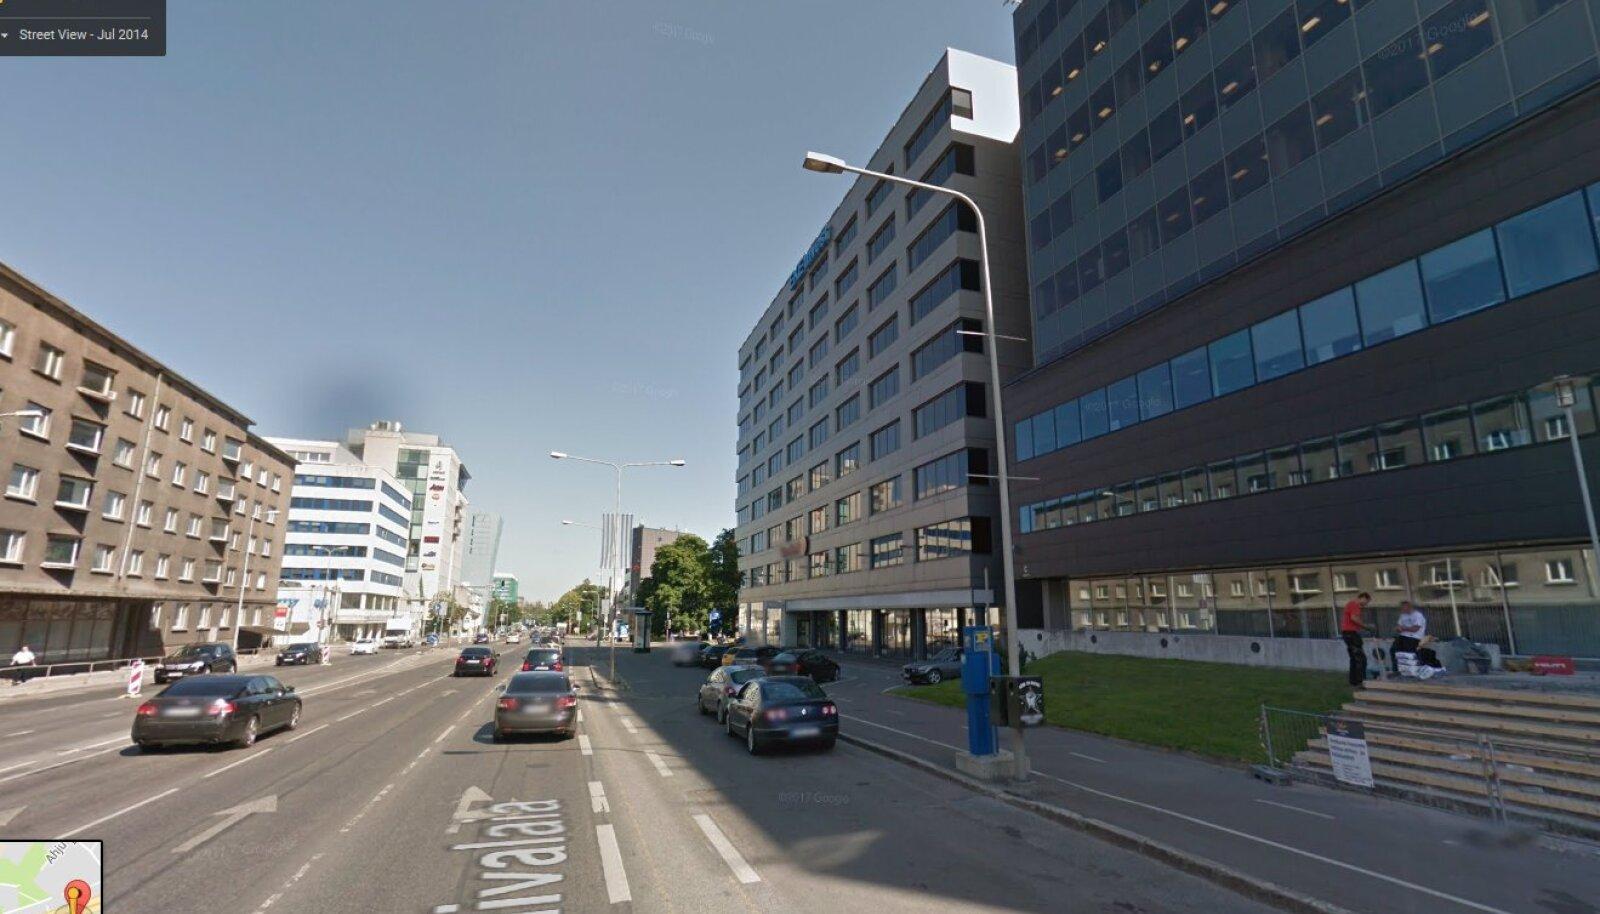 Tallinn, Liivalaia 12 juures (Google Street View ekraanitõmmis)